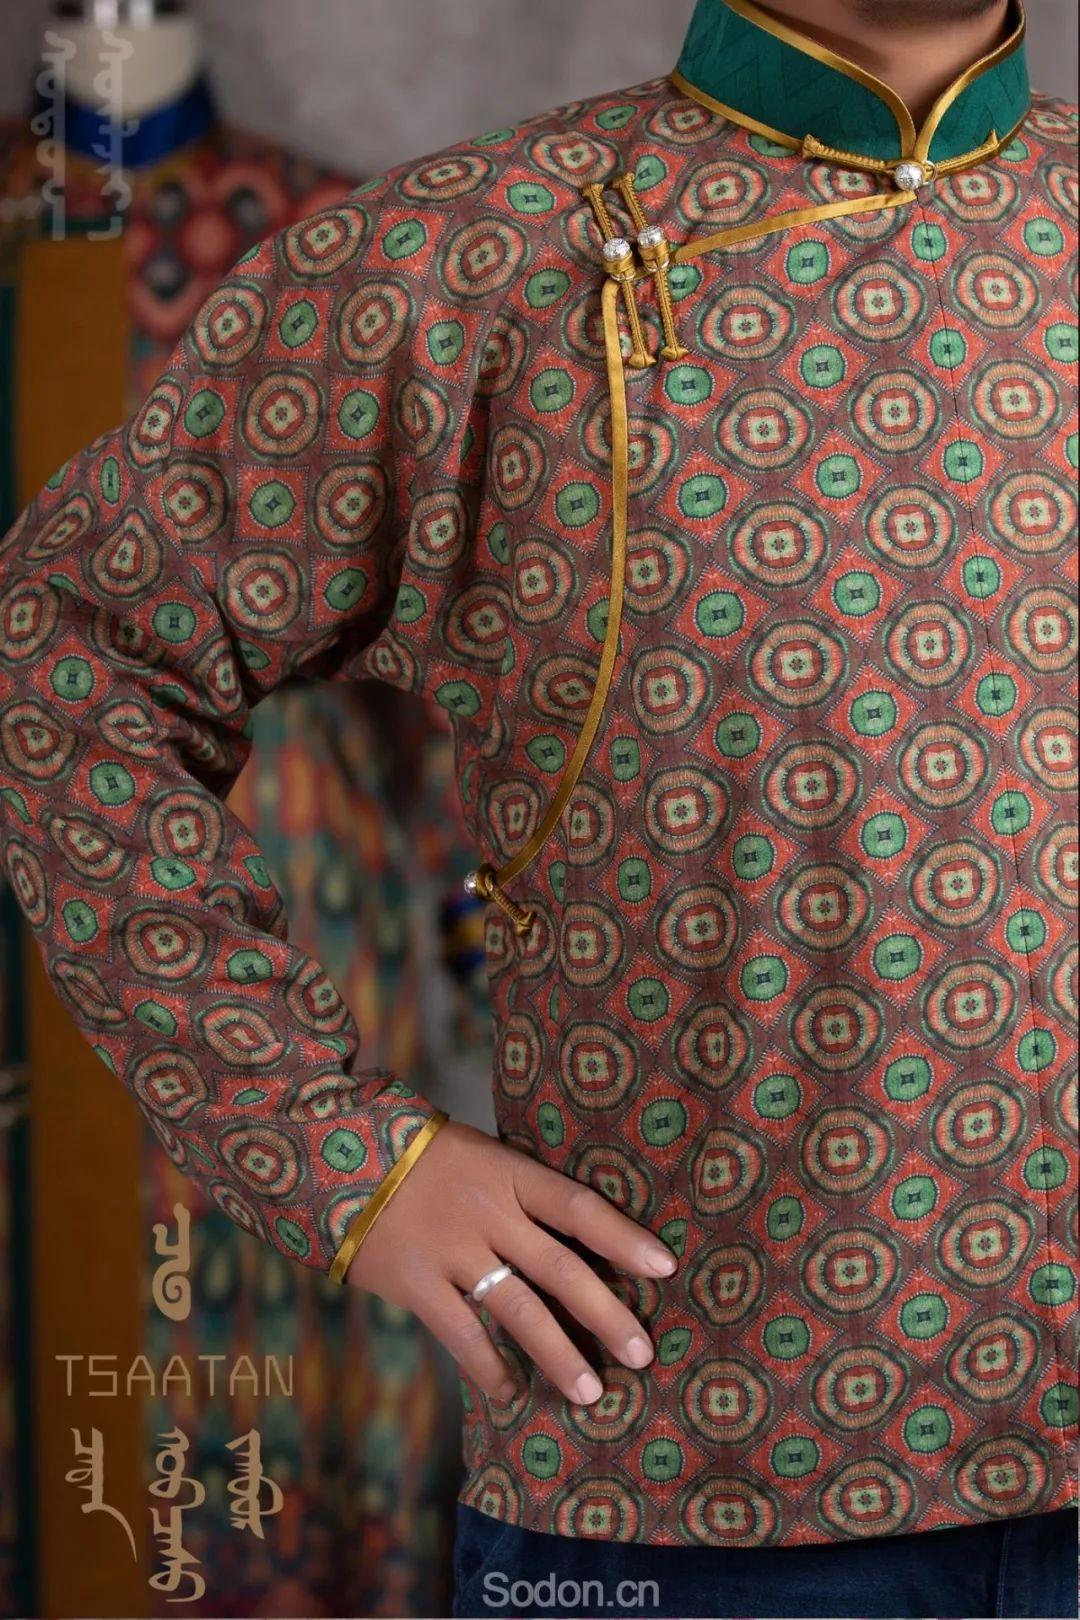 TSAATAN蒙古时装 2019新款,来自驯鹿人的独特魅力! 第15张 TSAATAN蒙古时装 2019新款,来自驯鹿人的独特魅力! 蒙古服饰